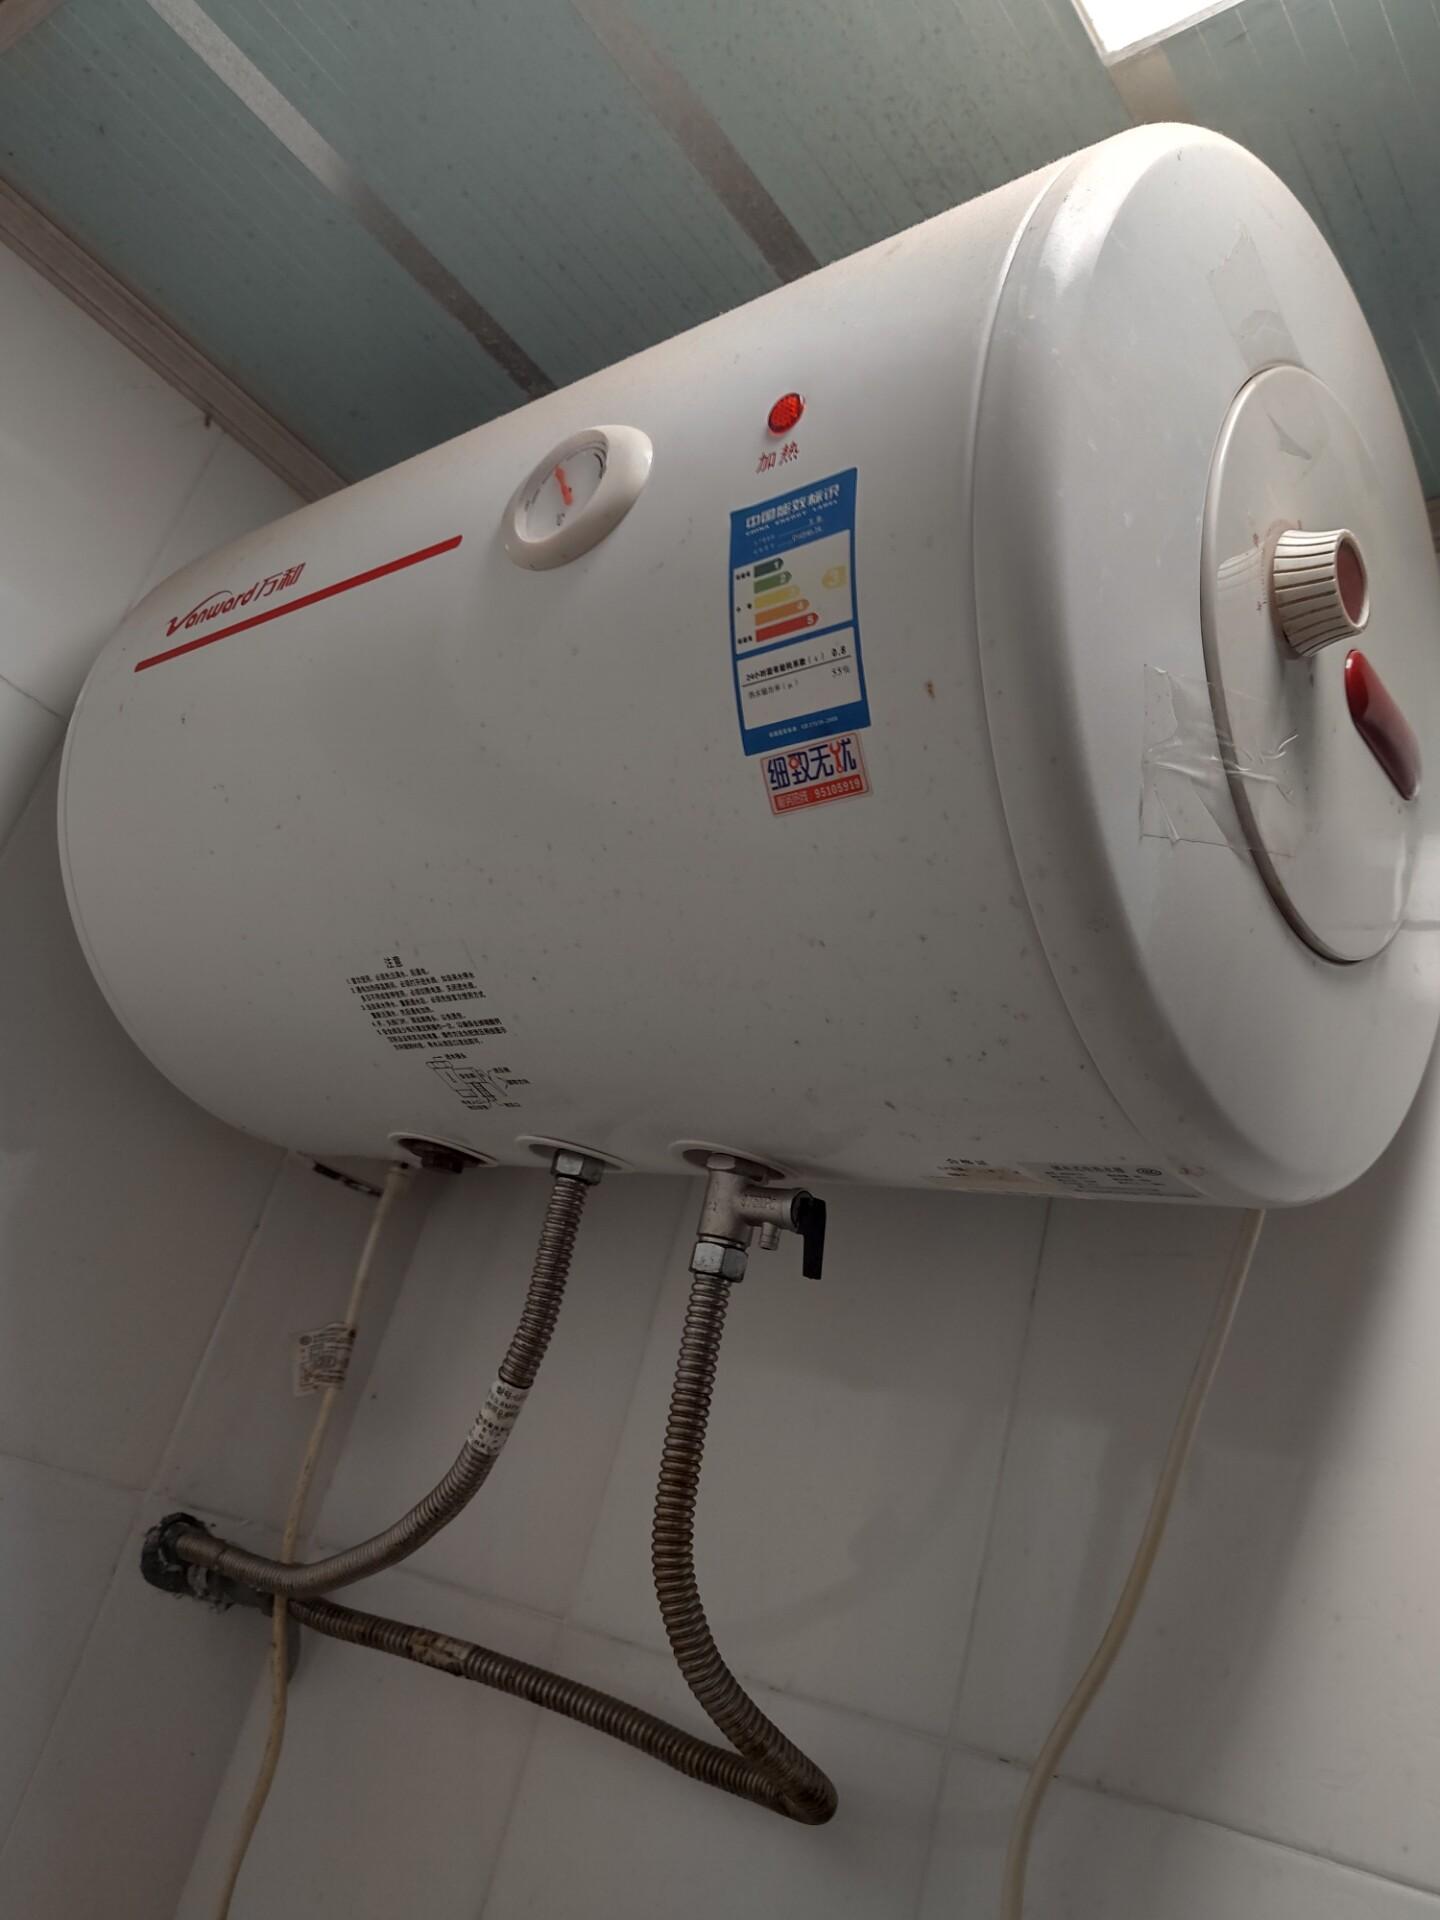 百色市右江区自提!万和电热水器,正常使用,40升。换新机了,